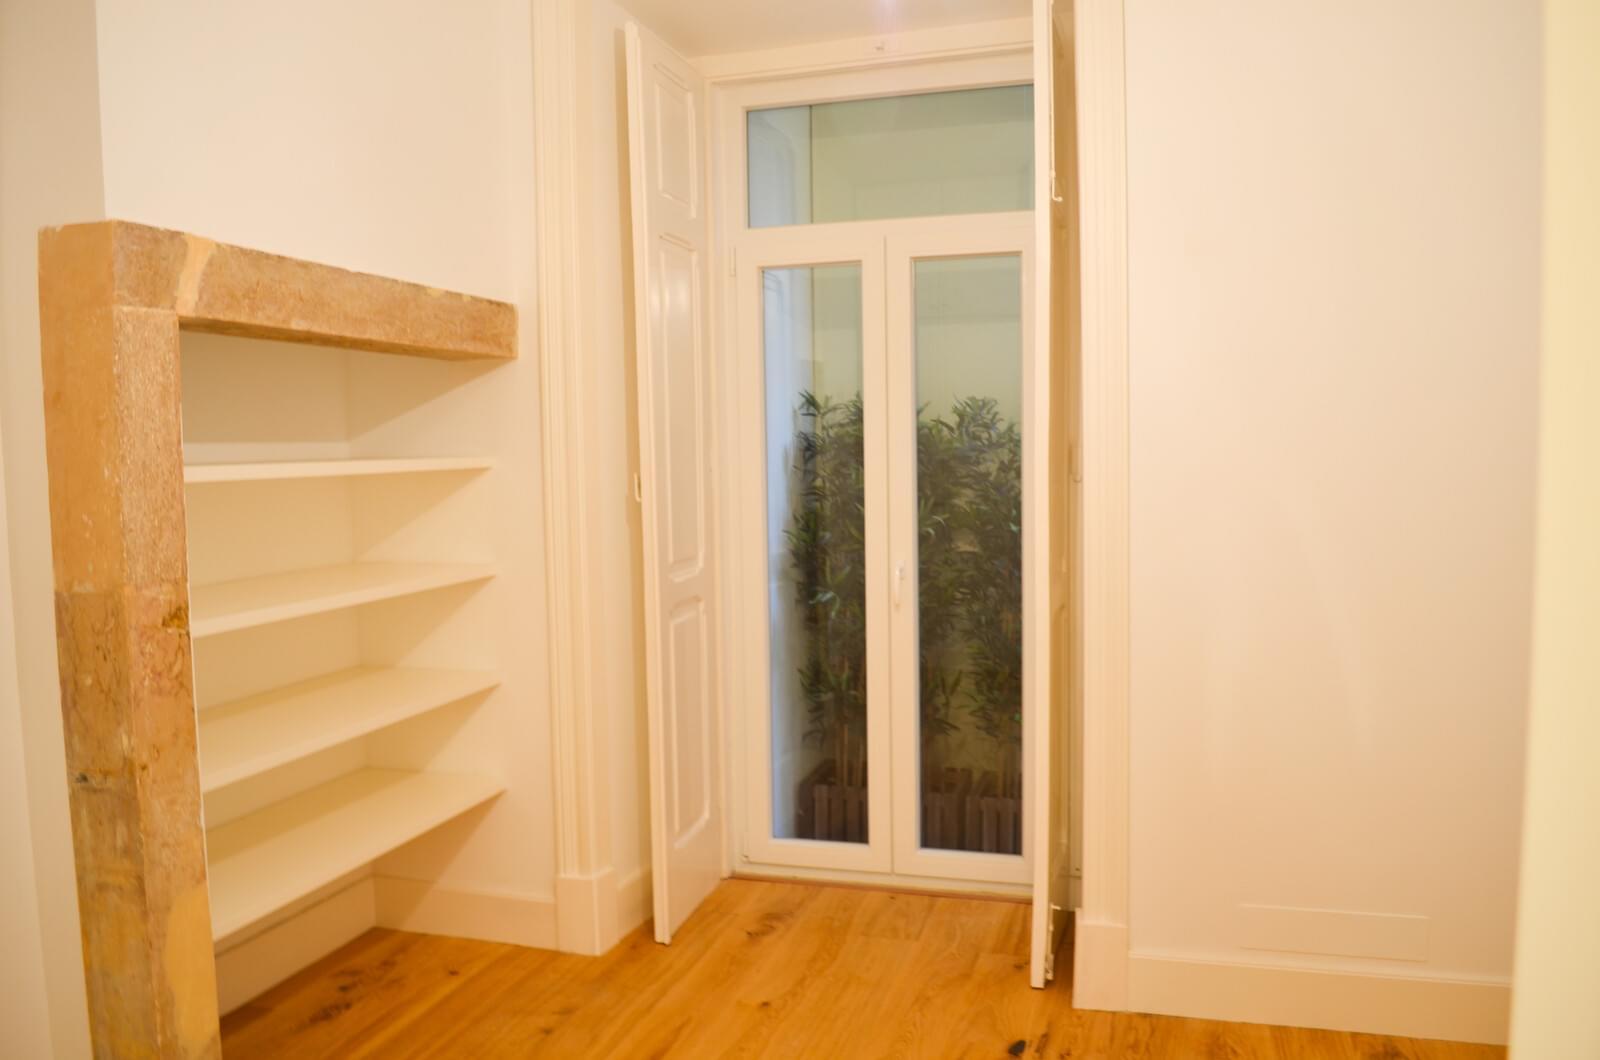 pf18801-apartamento-t2-lisboa-64846a96-b747-49dc-912d-ba3c76c1e768